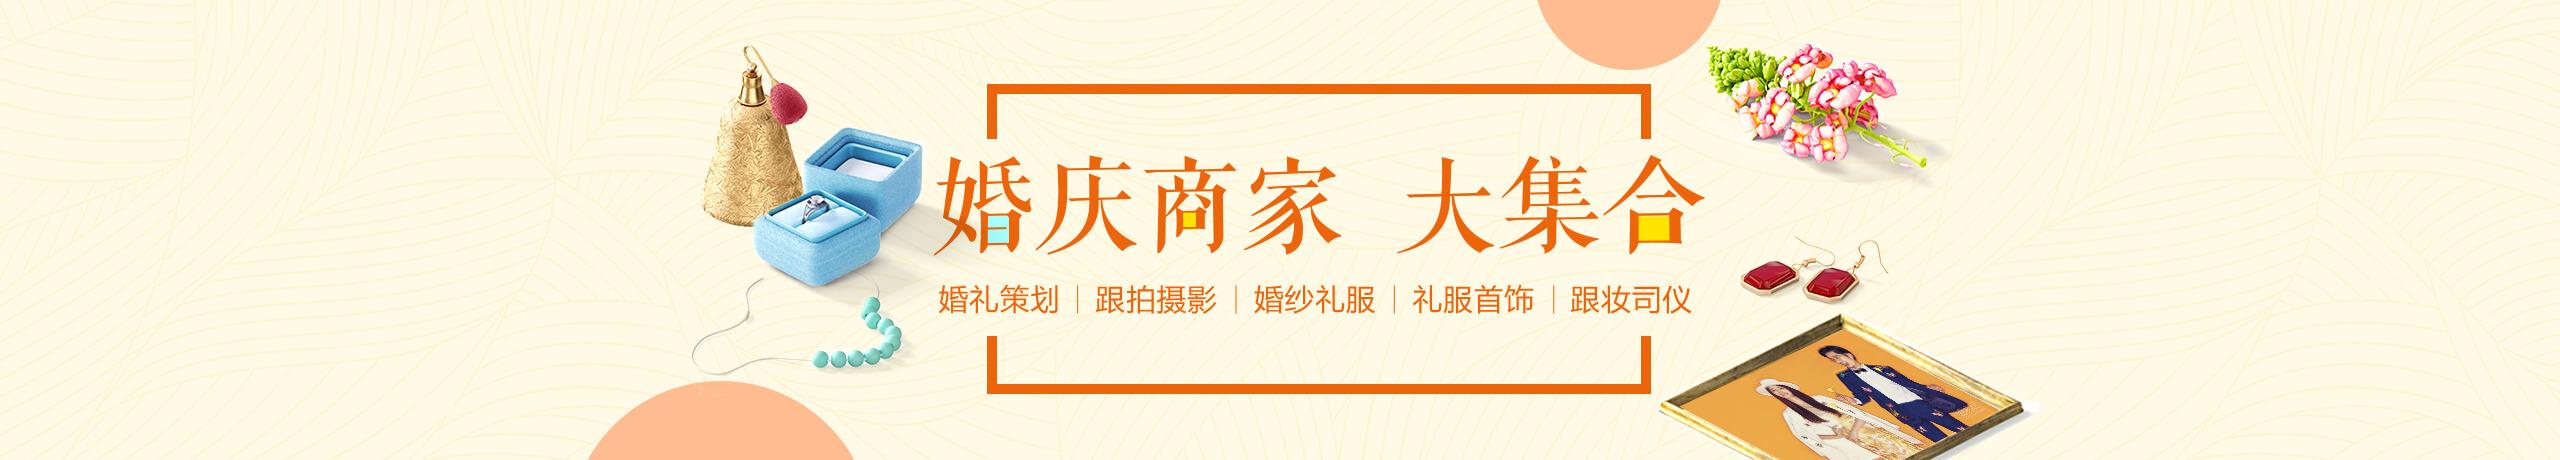 澳门金沙官网_官方网站商家